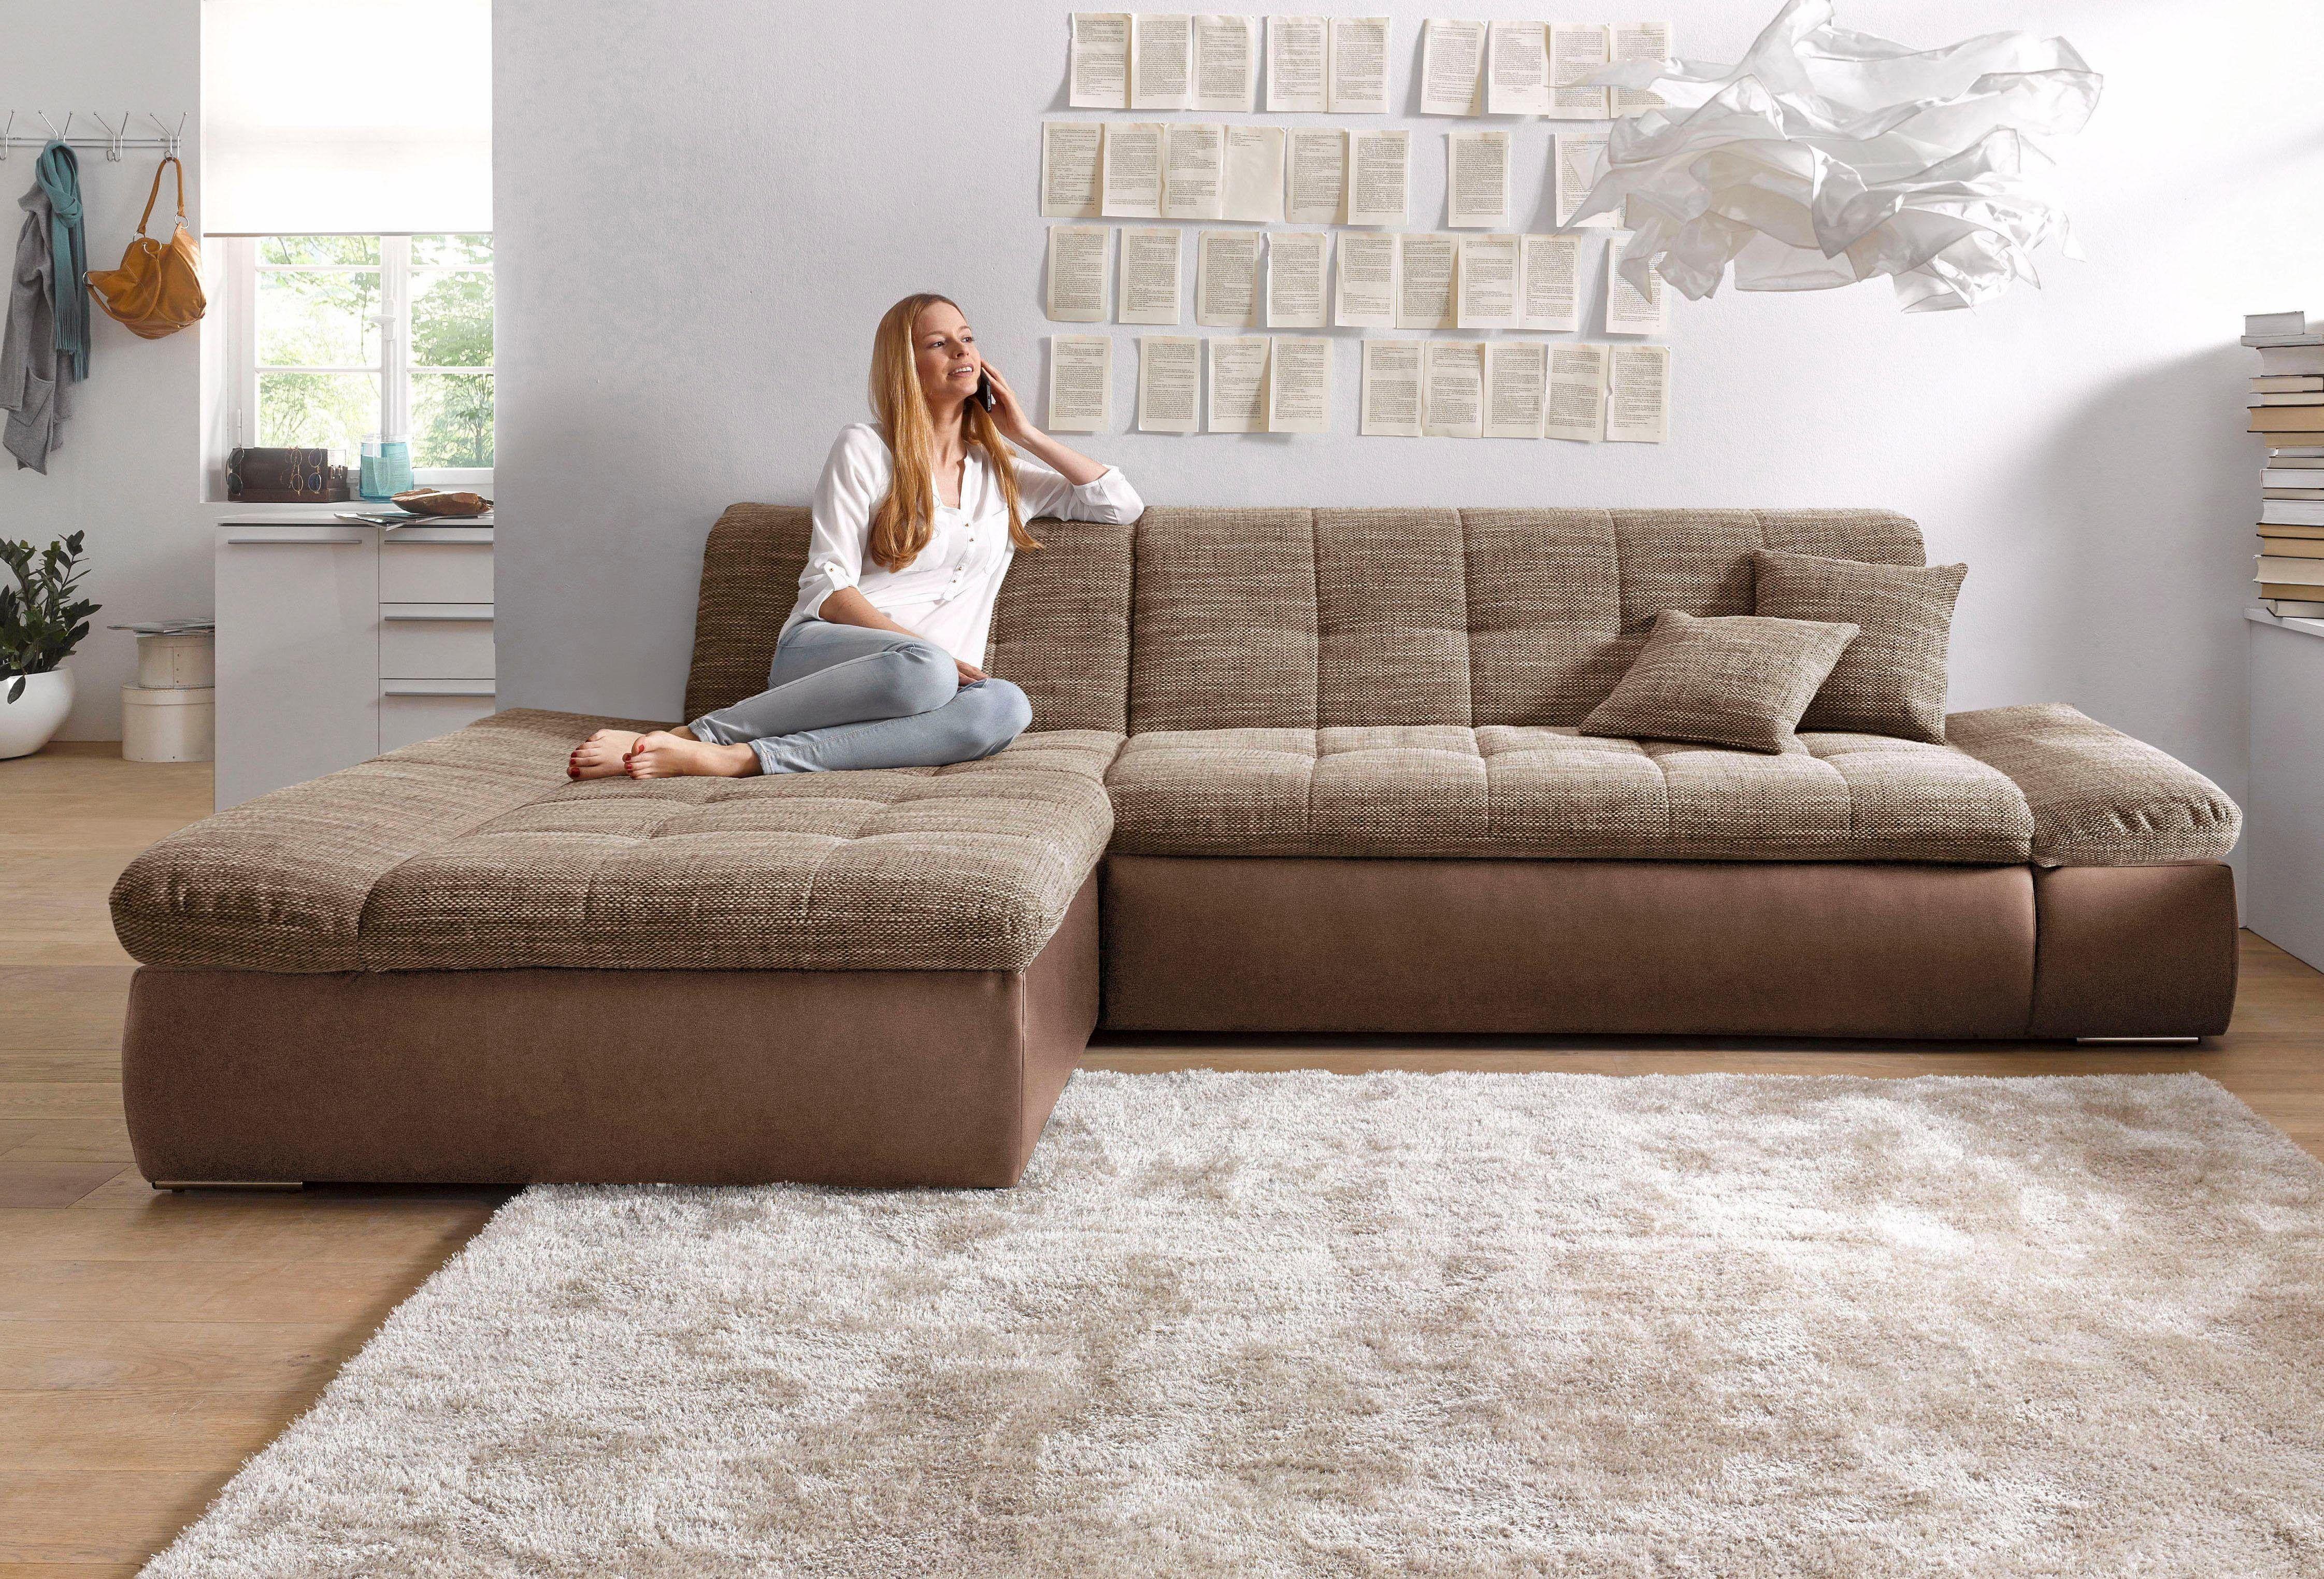 Sofa Cocoa 3 Sitzer Wohnzimmer Einrichtung Pinterest